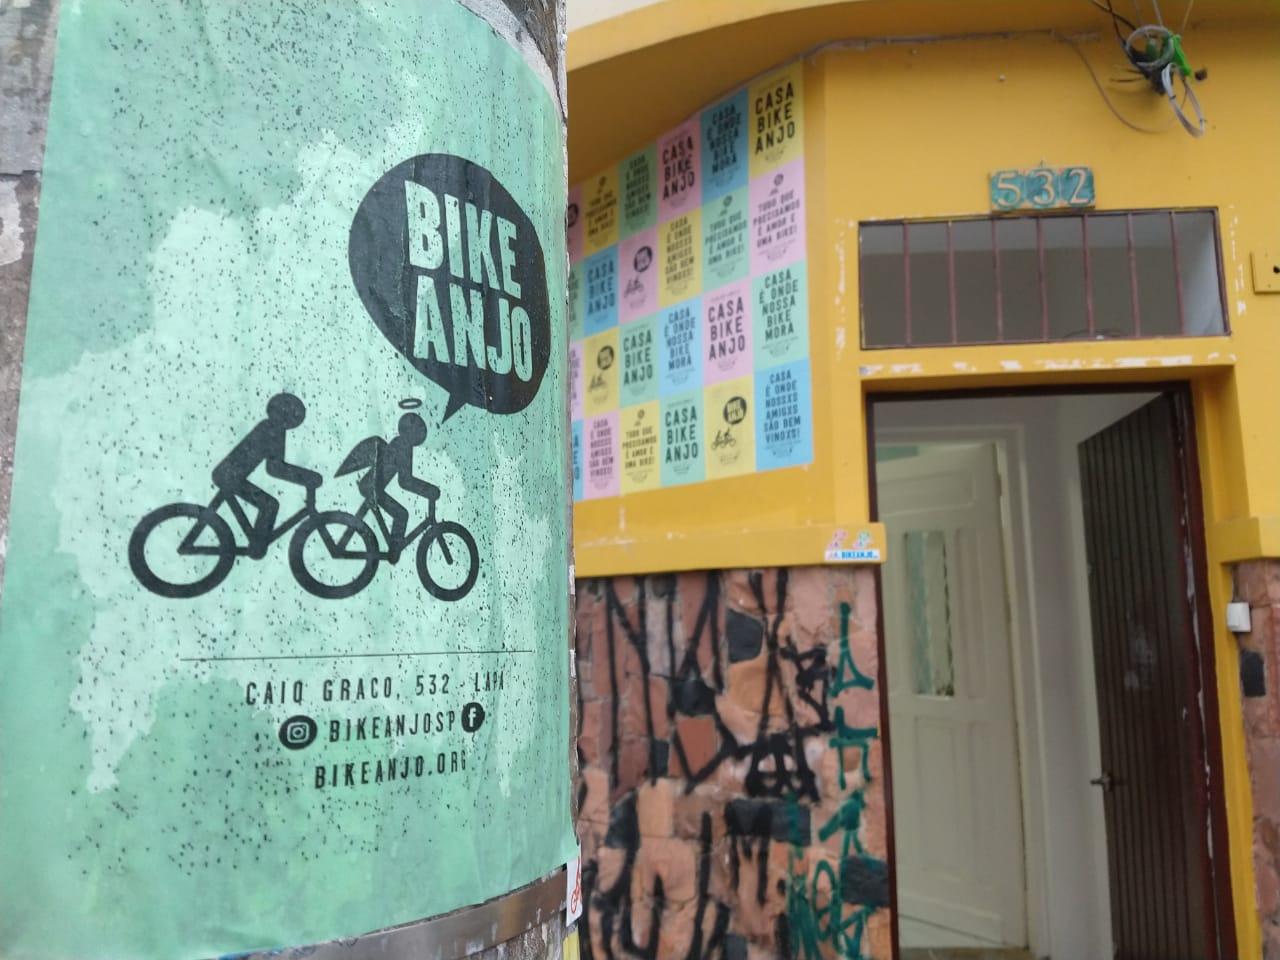 Casa Bike Anjo